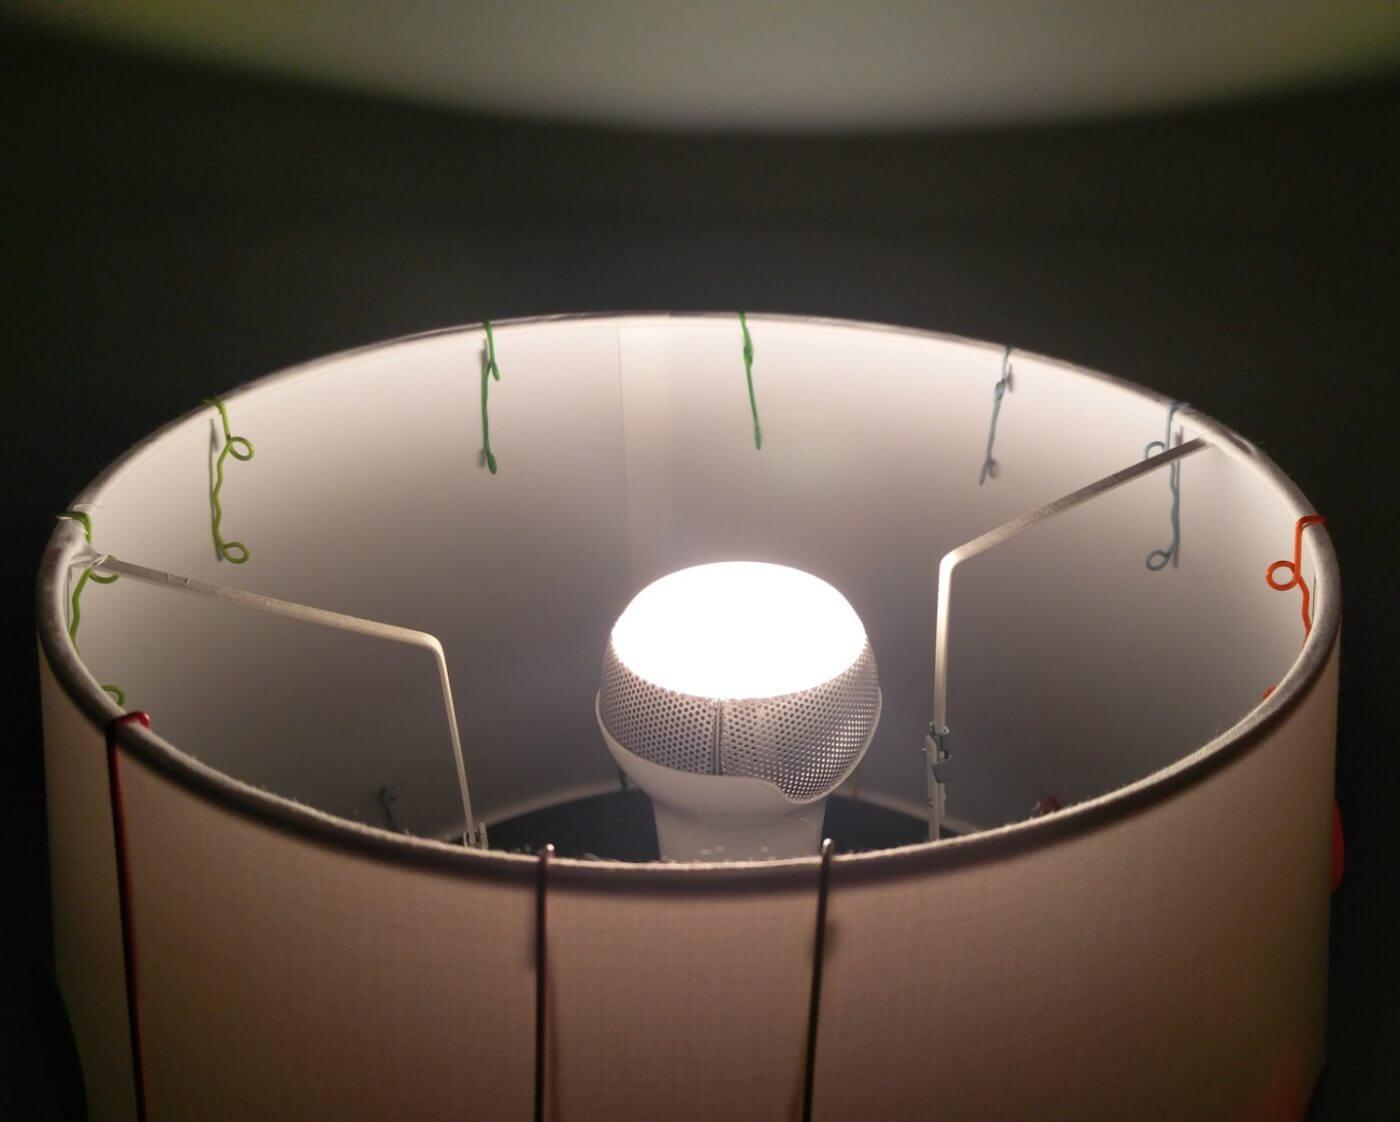 Sengled Pulse Solo in Lamp